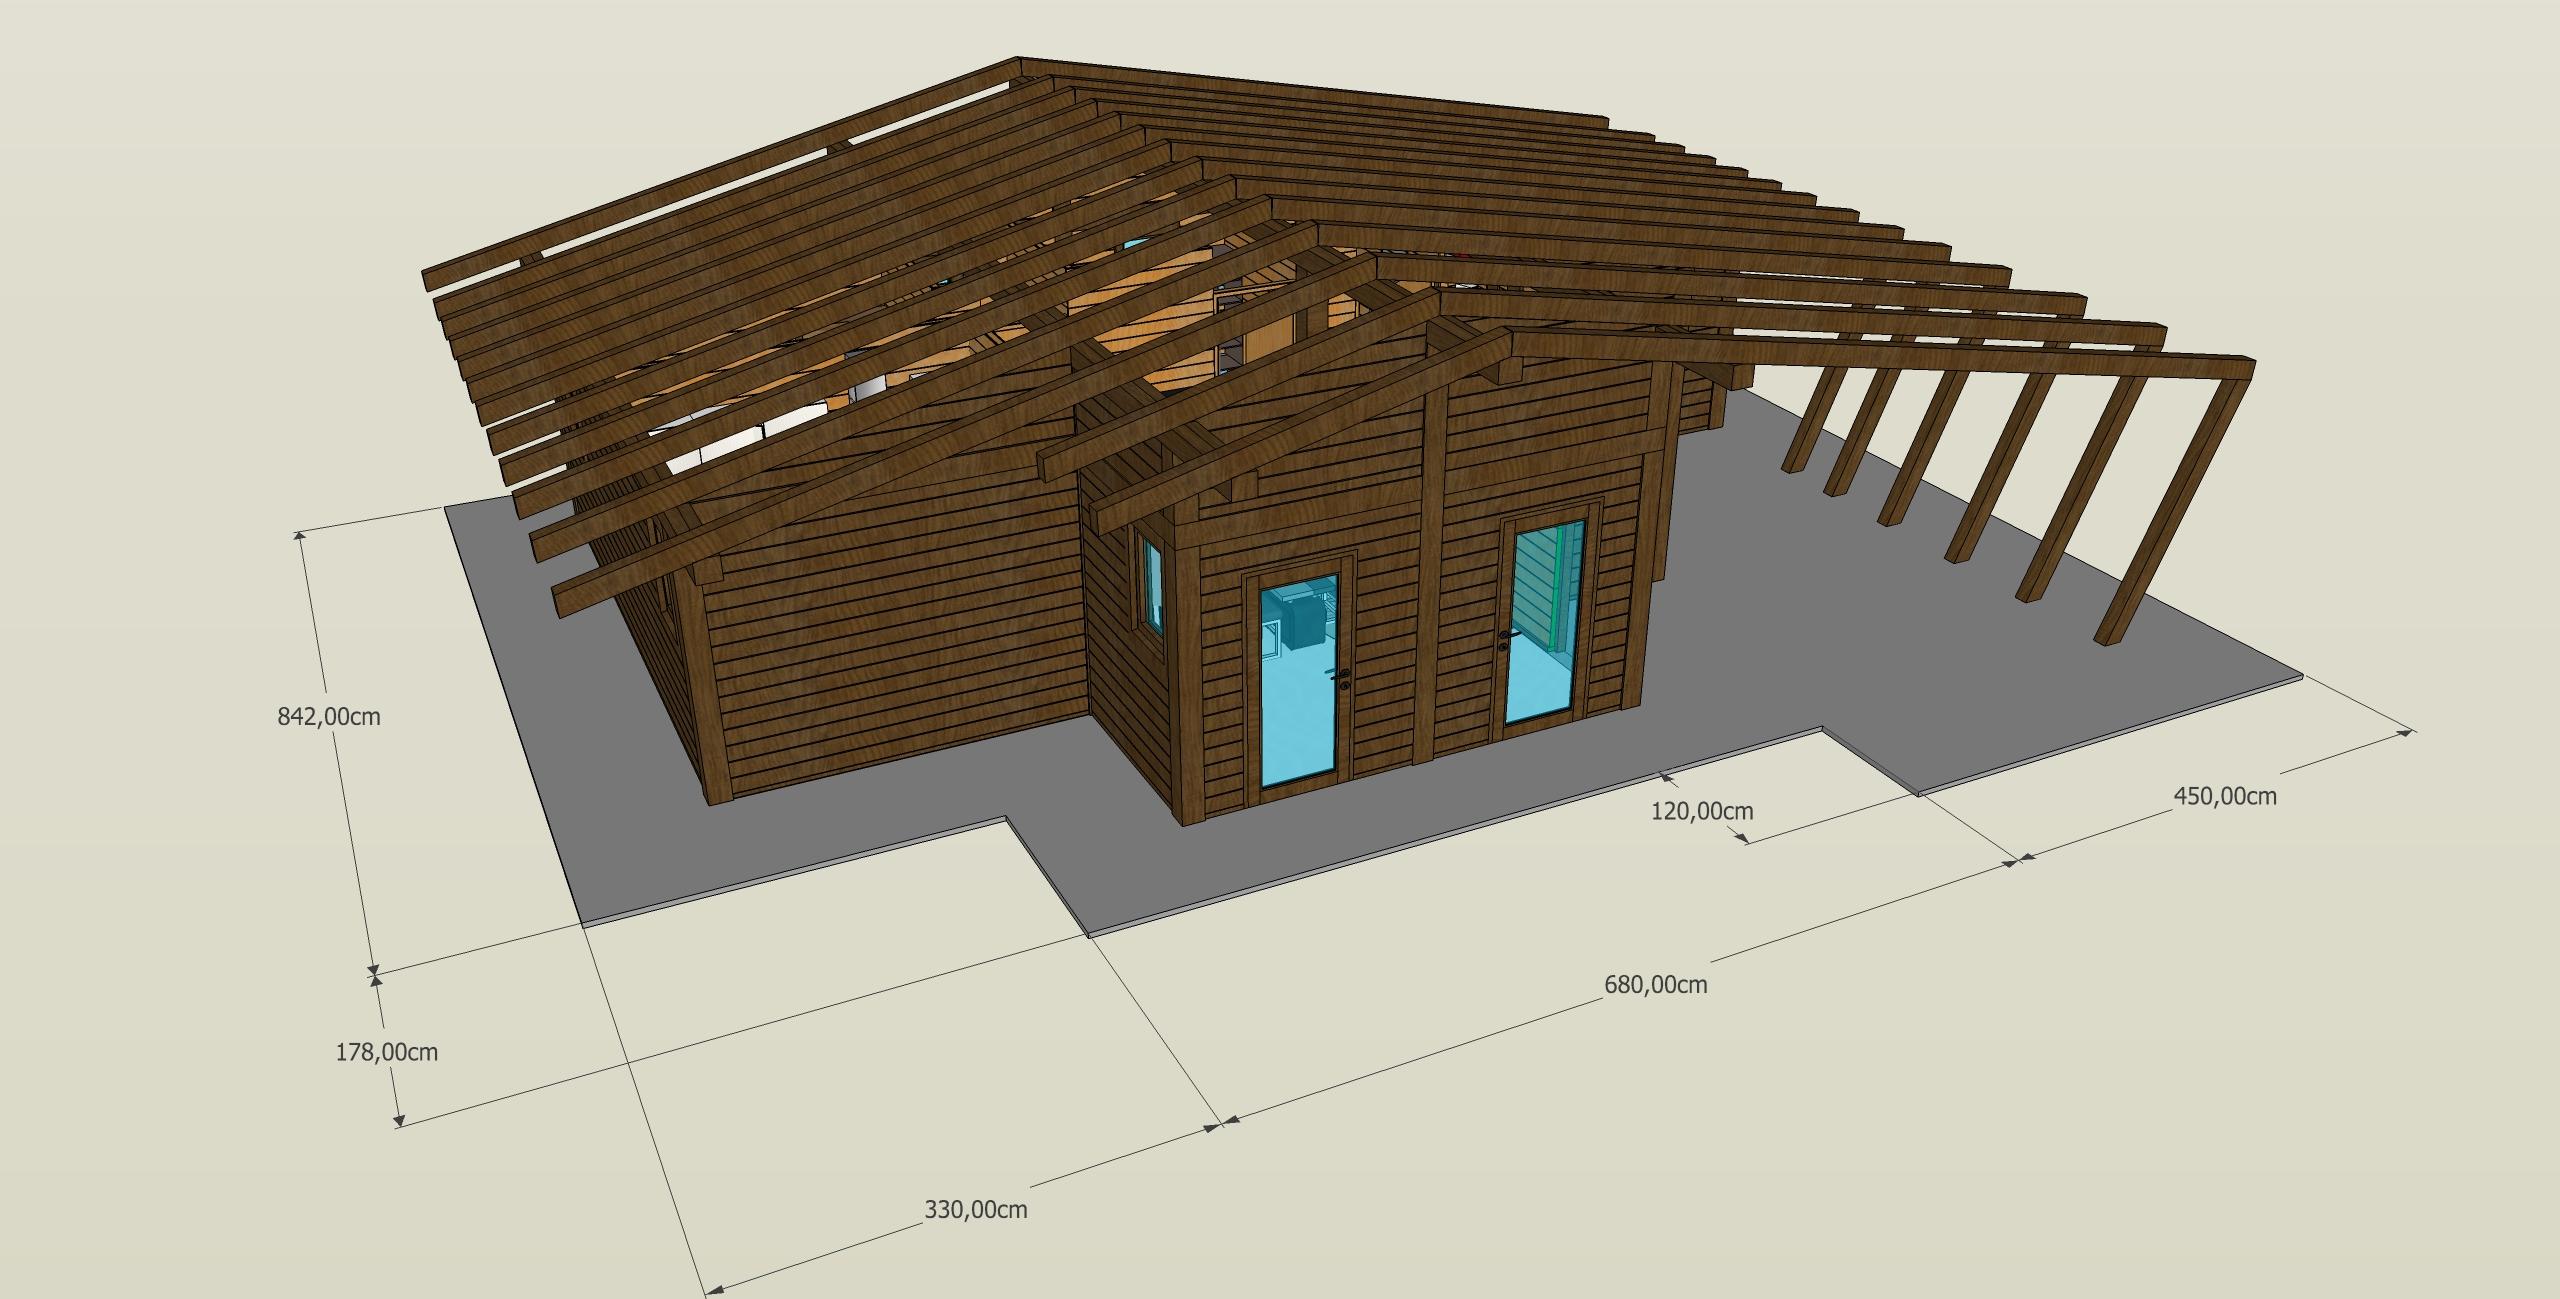 Bungalow in legno case abitabili in legno edil legno for Una storia di case in legno